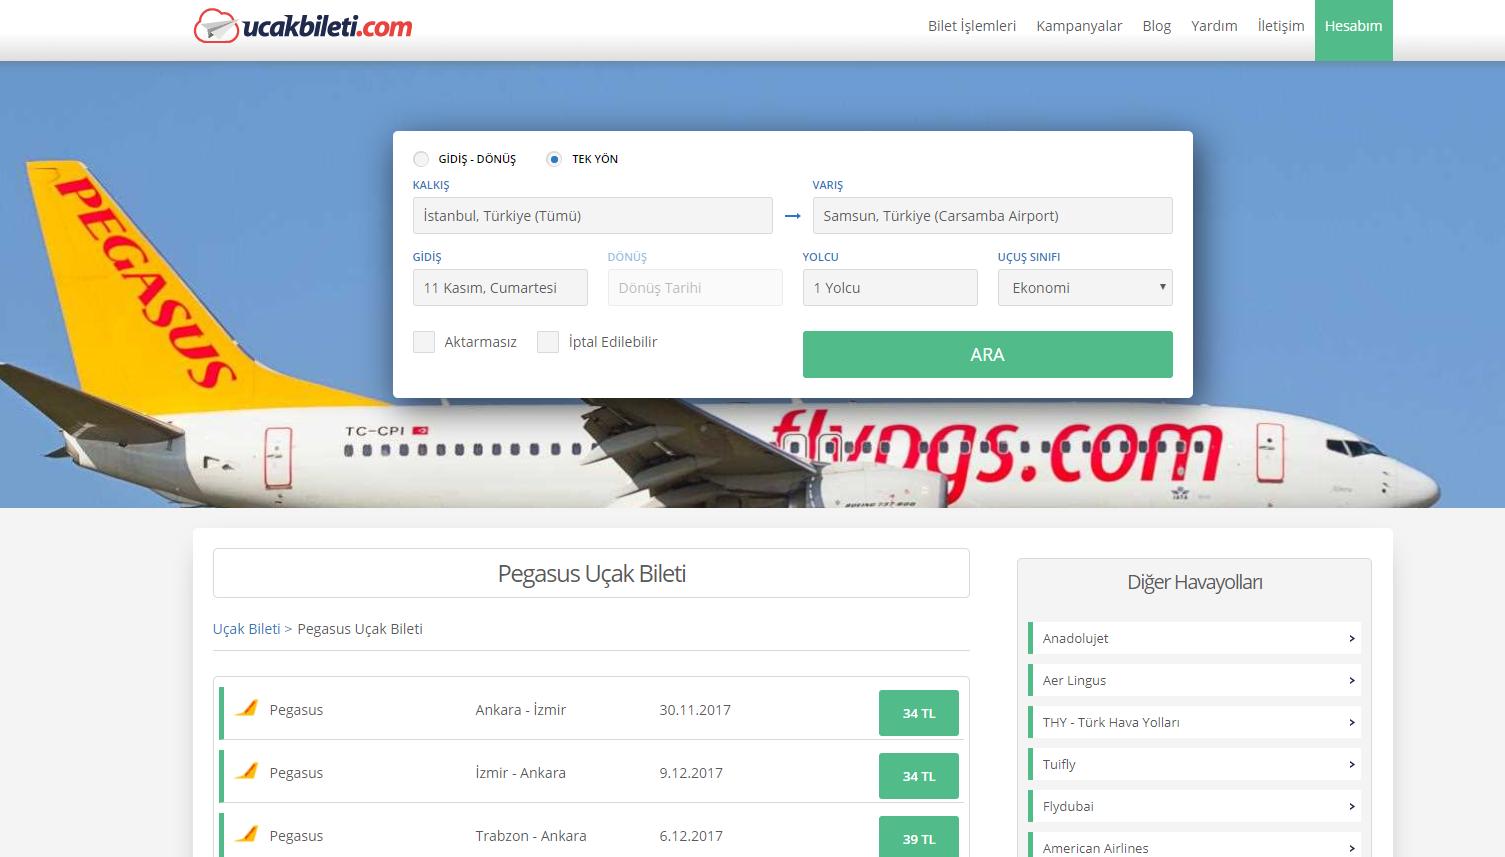 Ucakbileti.com - %10 Ekstra İndirimli Pegasus Uçak Biletleri